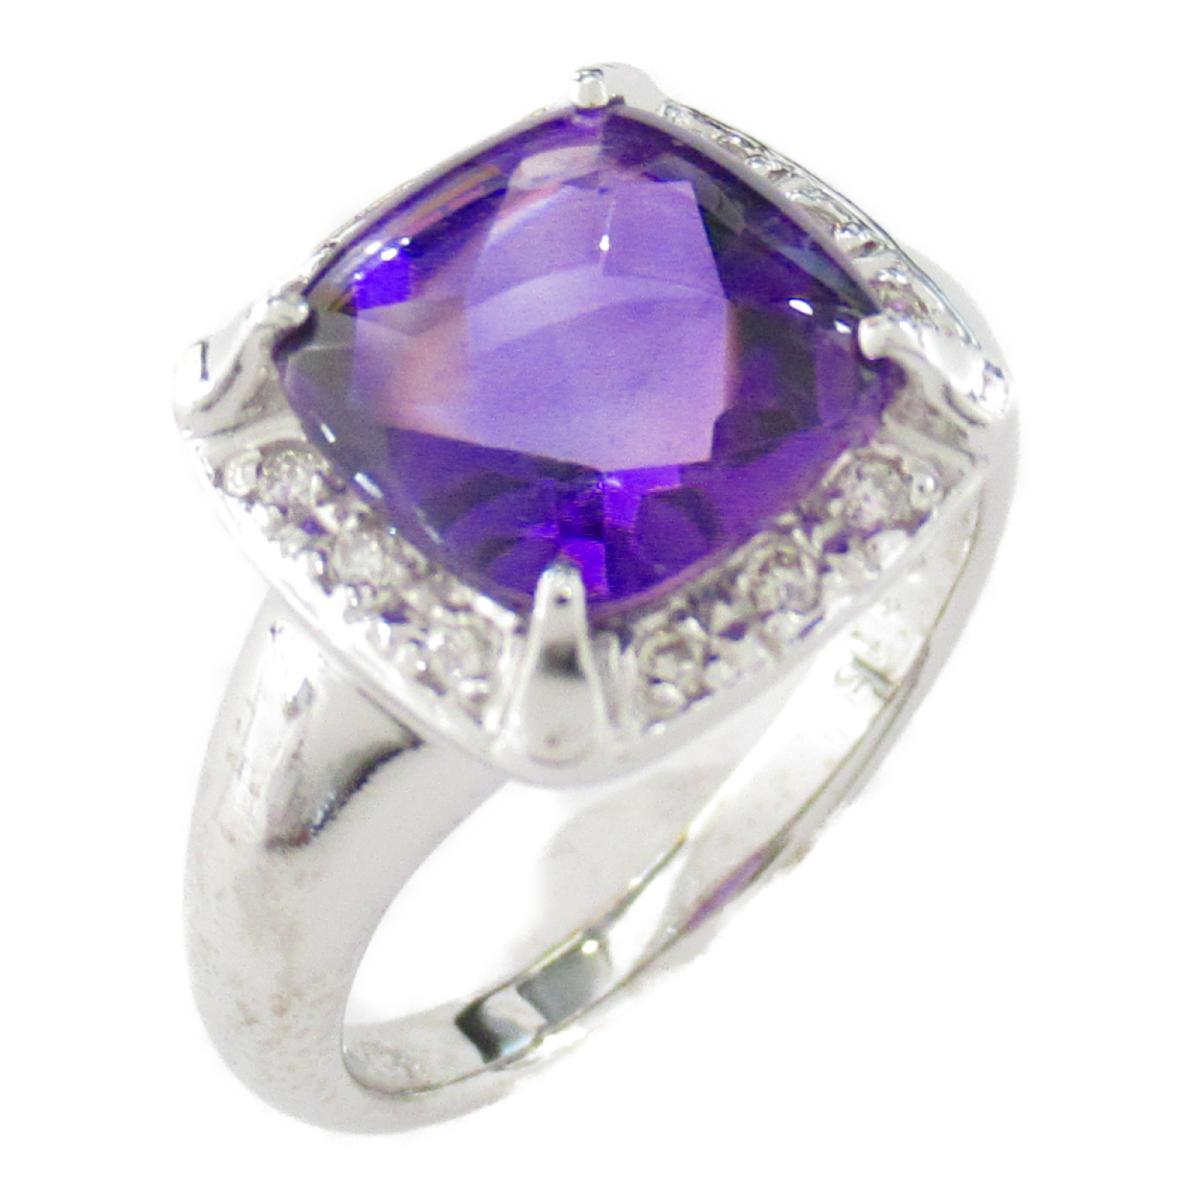 【中古】ジュエリー アメジスト ダイヤモンド リング 指輪 レディース アメジスト3.16/ダイヤモンド0.12ct x K18WG(ホワイトゴールド)